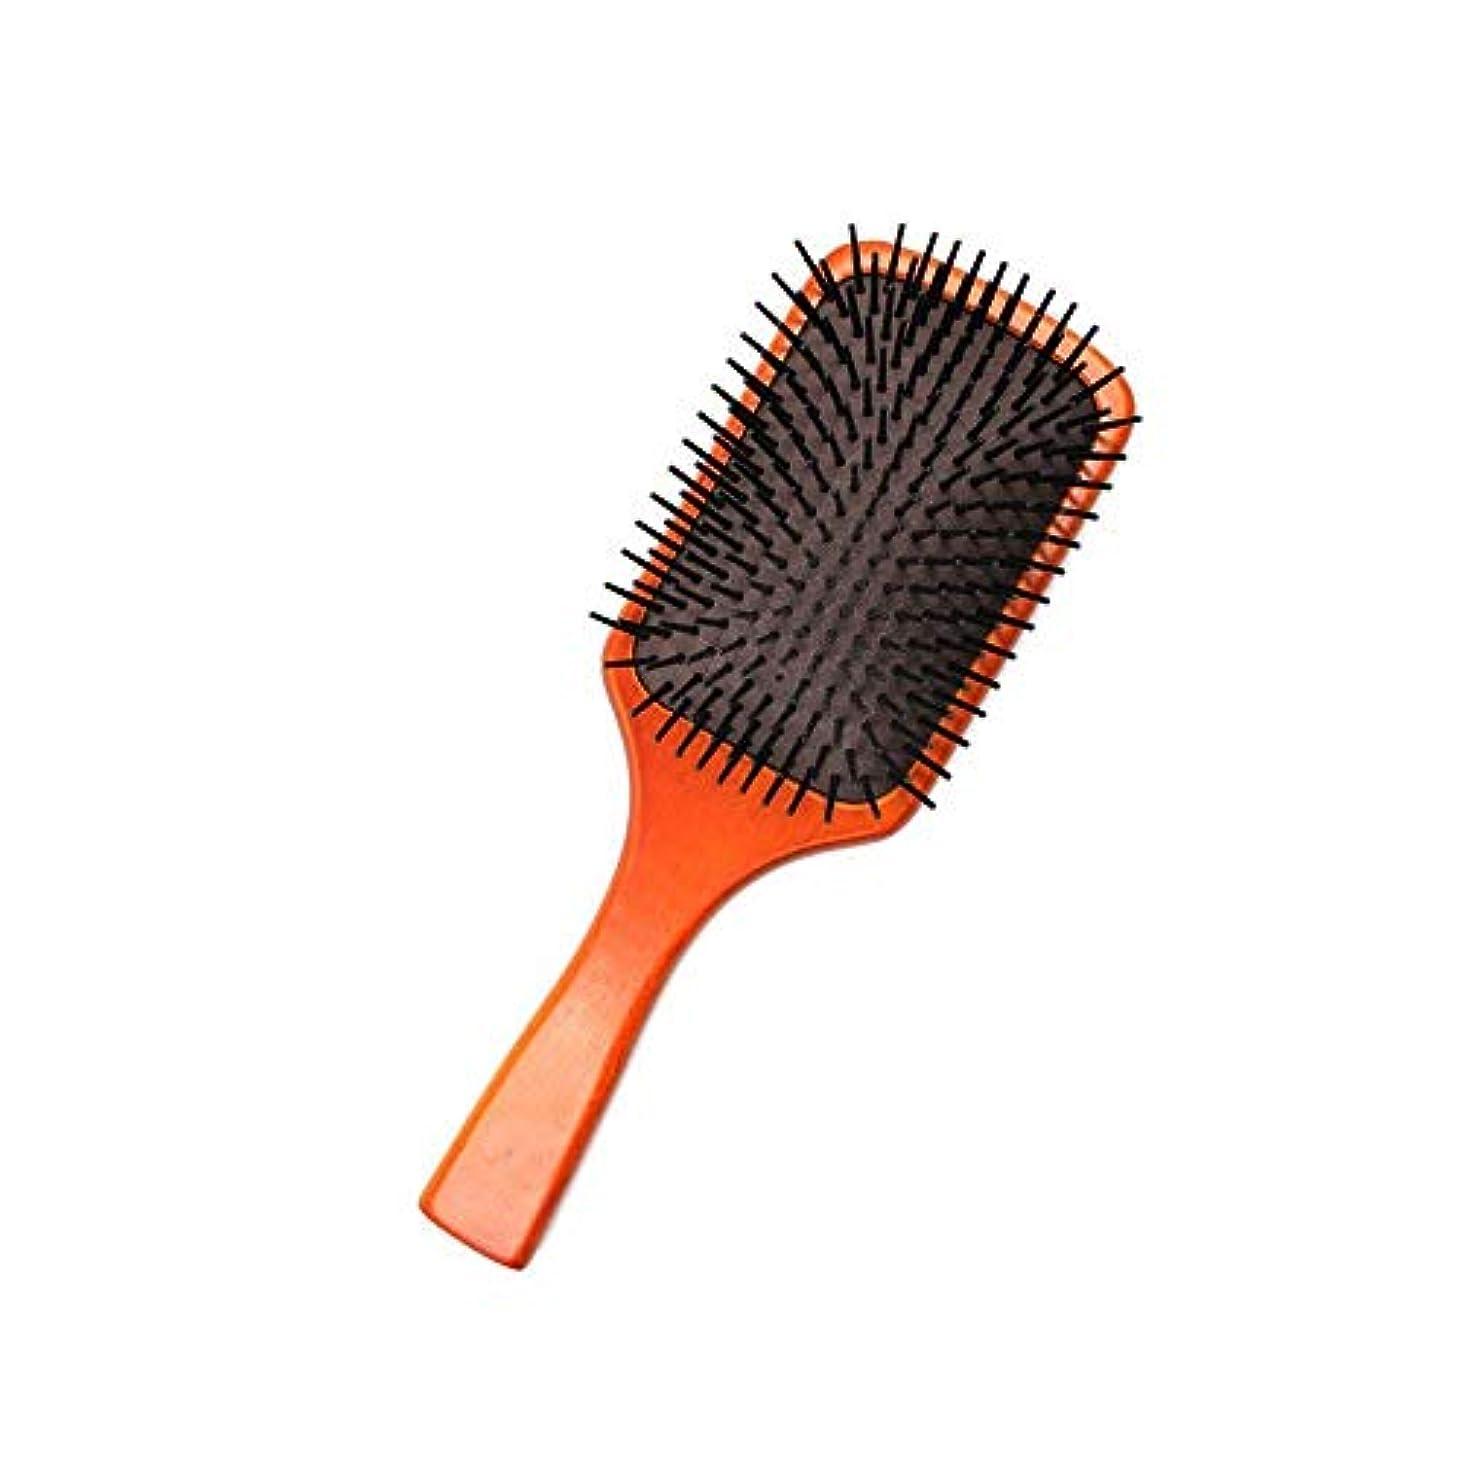 承認する登録彼自身ZYDP 帯電防止木の毛のブラシのマッサージの櫛のブラシ (色 : Photo color)